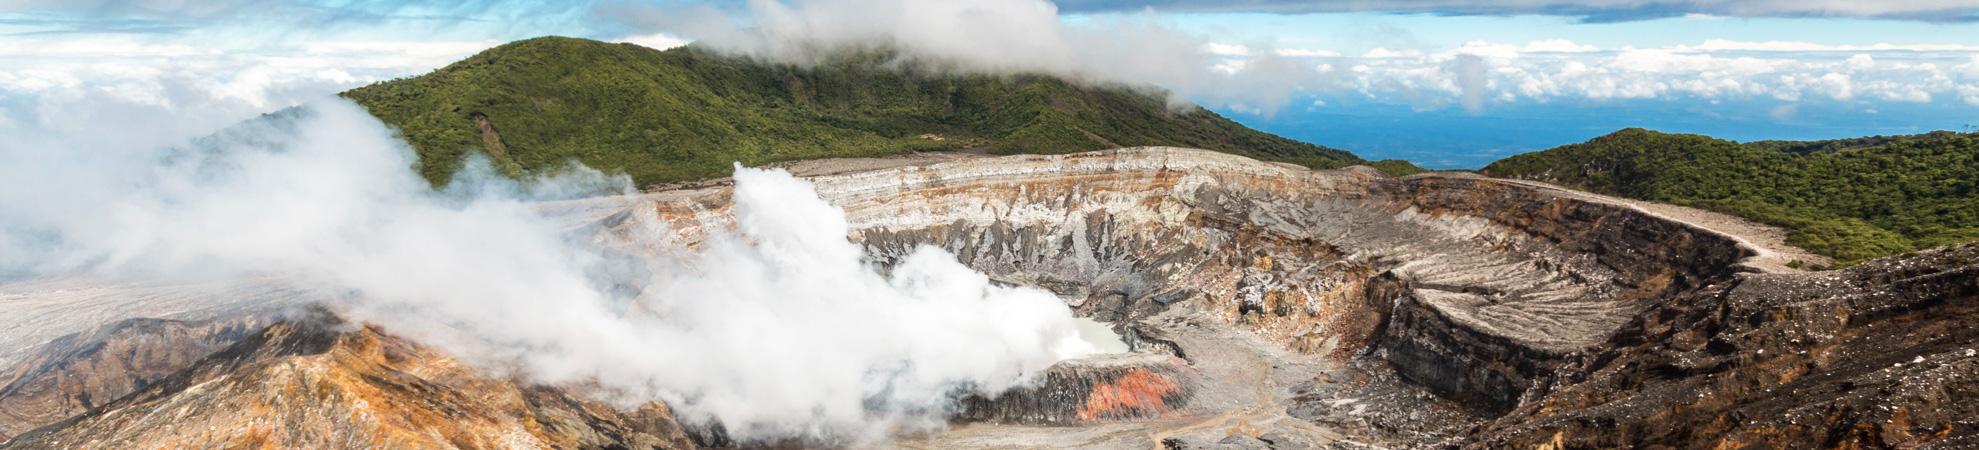 Les dangers à éviter au Costa Rica